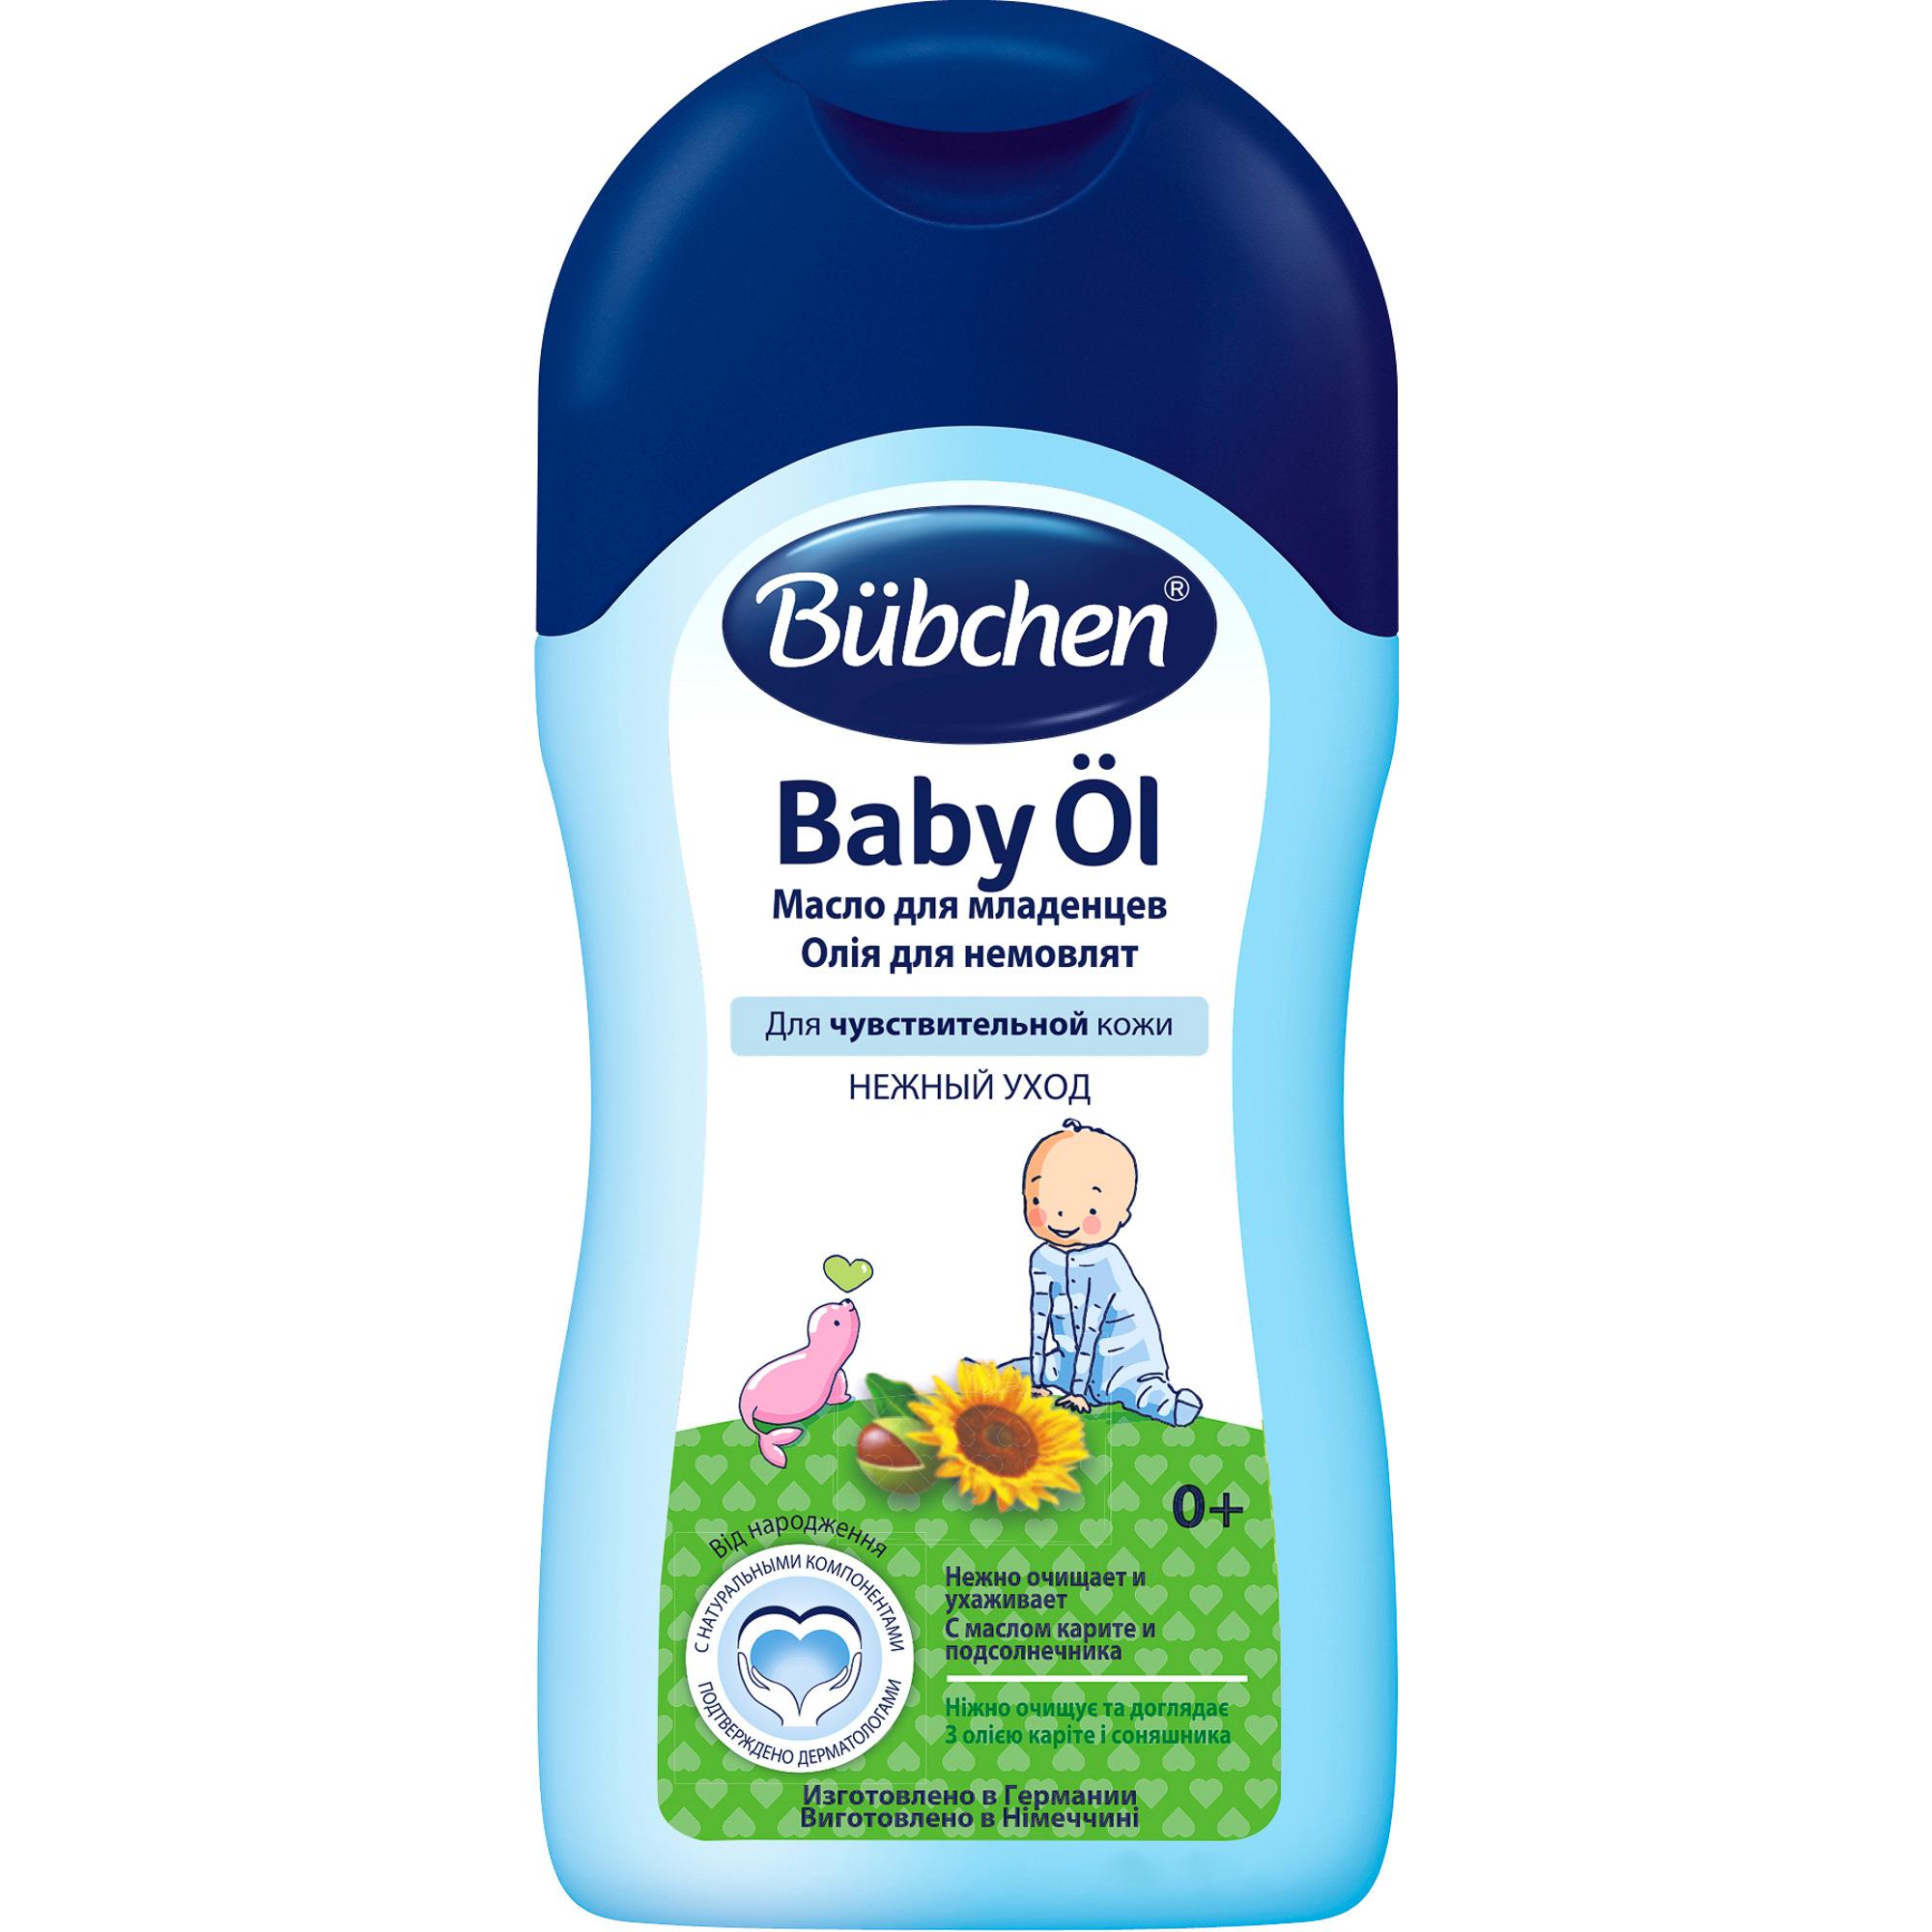 Купить Масло для младенцев Bubchen Нежный уход 400 мл, Германия, универсальный, Средства по уходу за телом и за кожей лица для детей